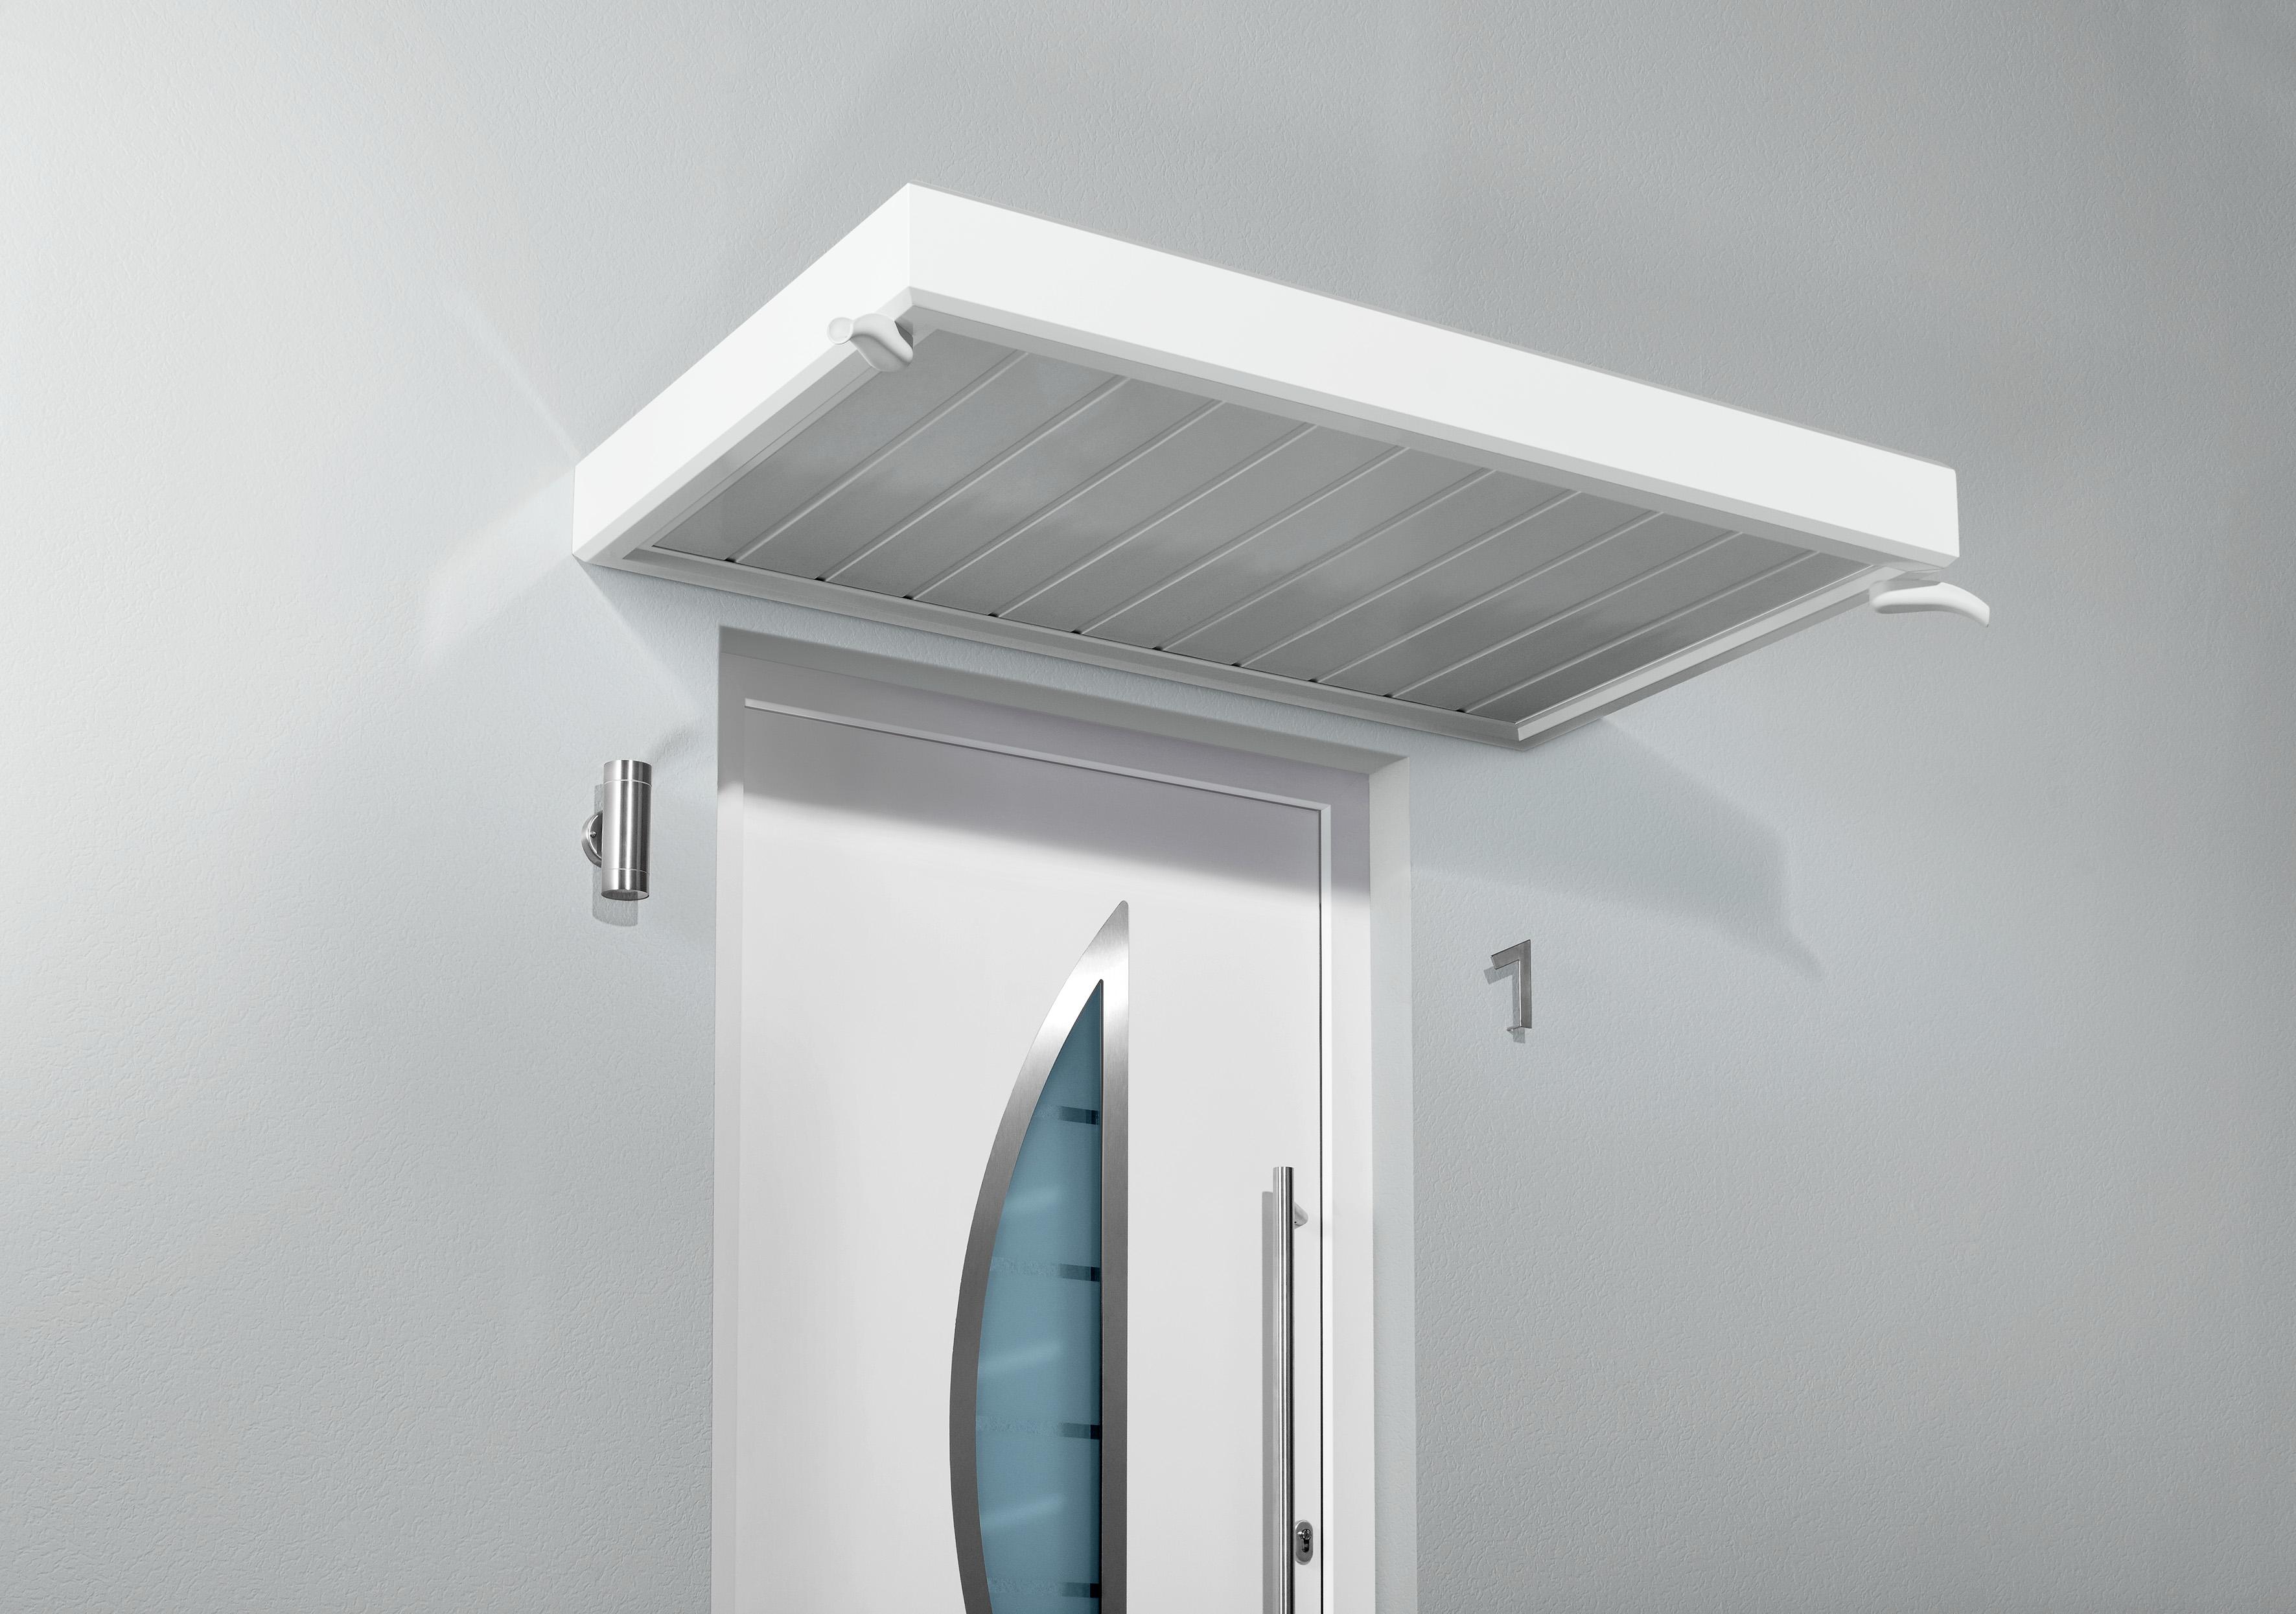 gutta nm rechteckvordach 2000 x 900 mm kunststoff wei 7210706. Black Bedroom Furniture Sets. Home Design Ideas